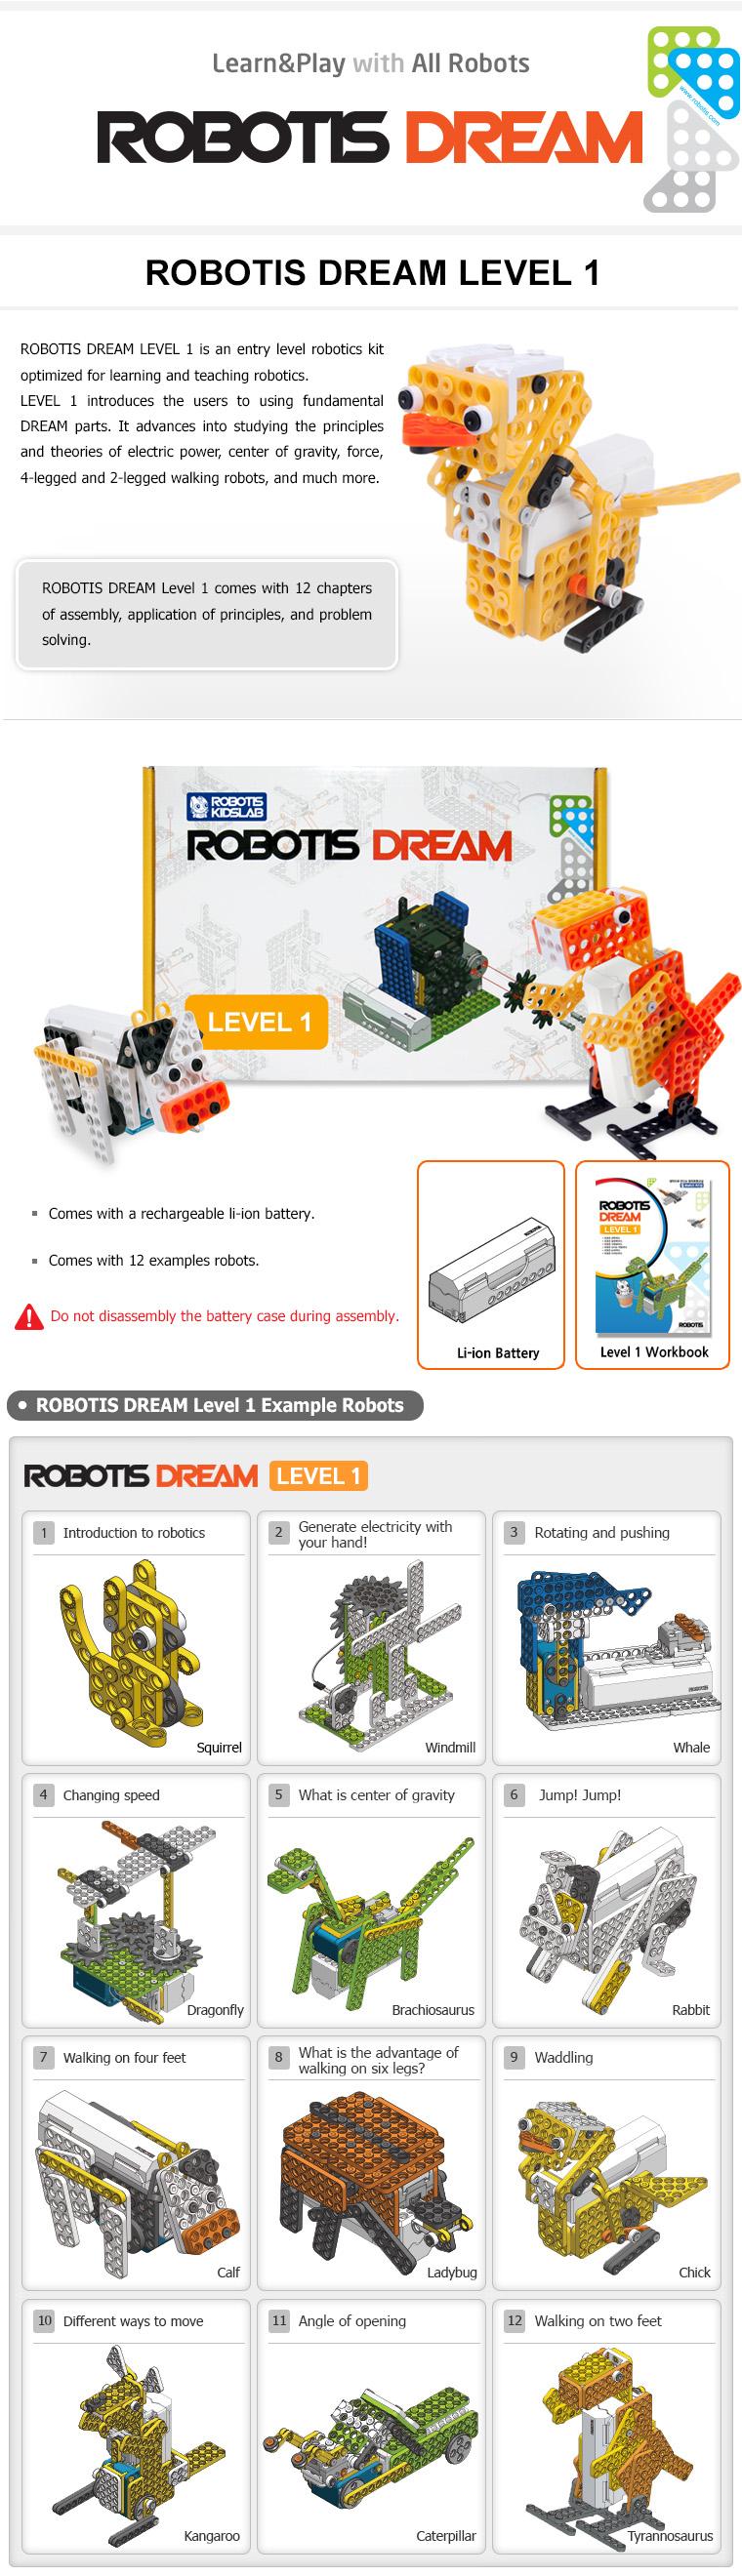 DREAM_EN_level1_01_ver1435.jpg